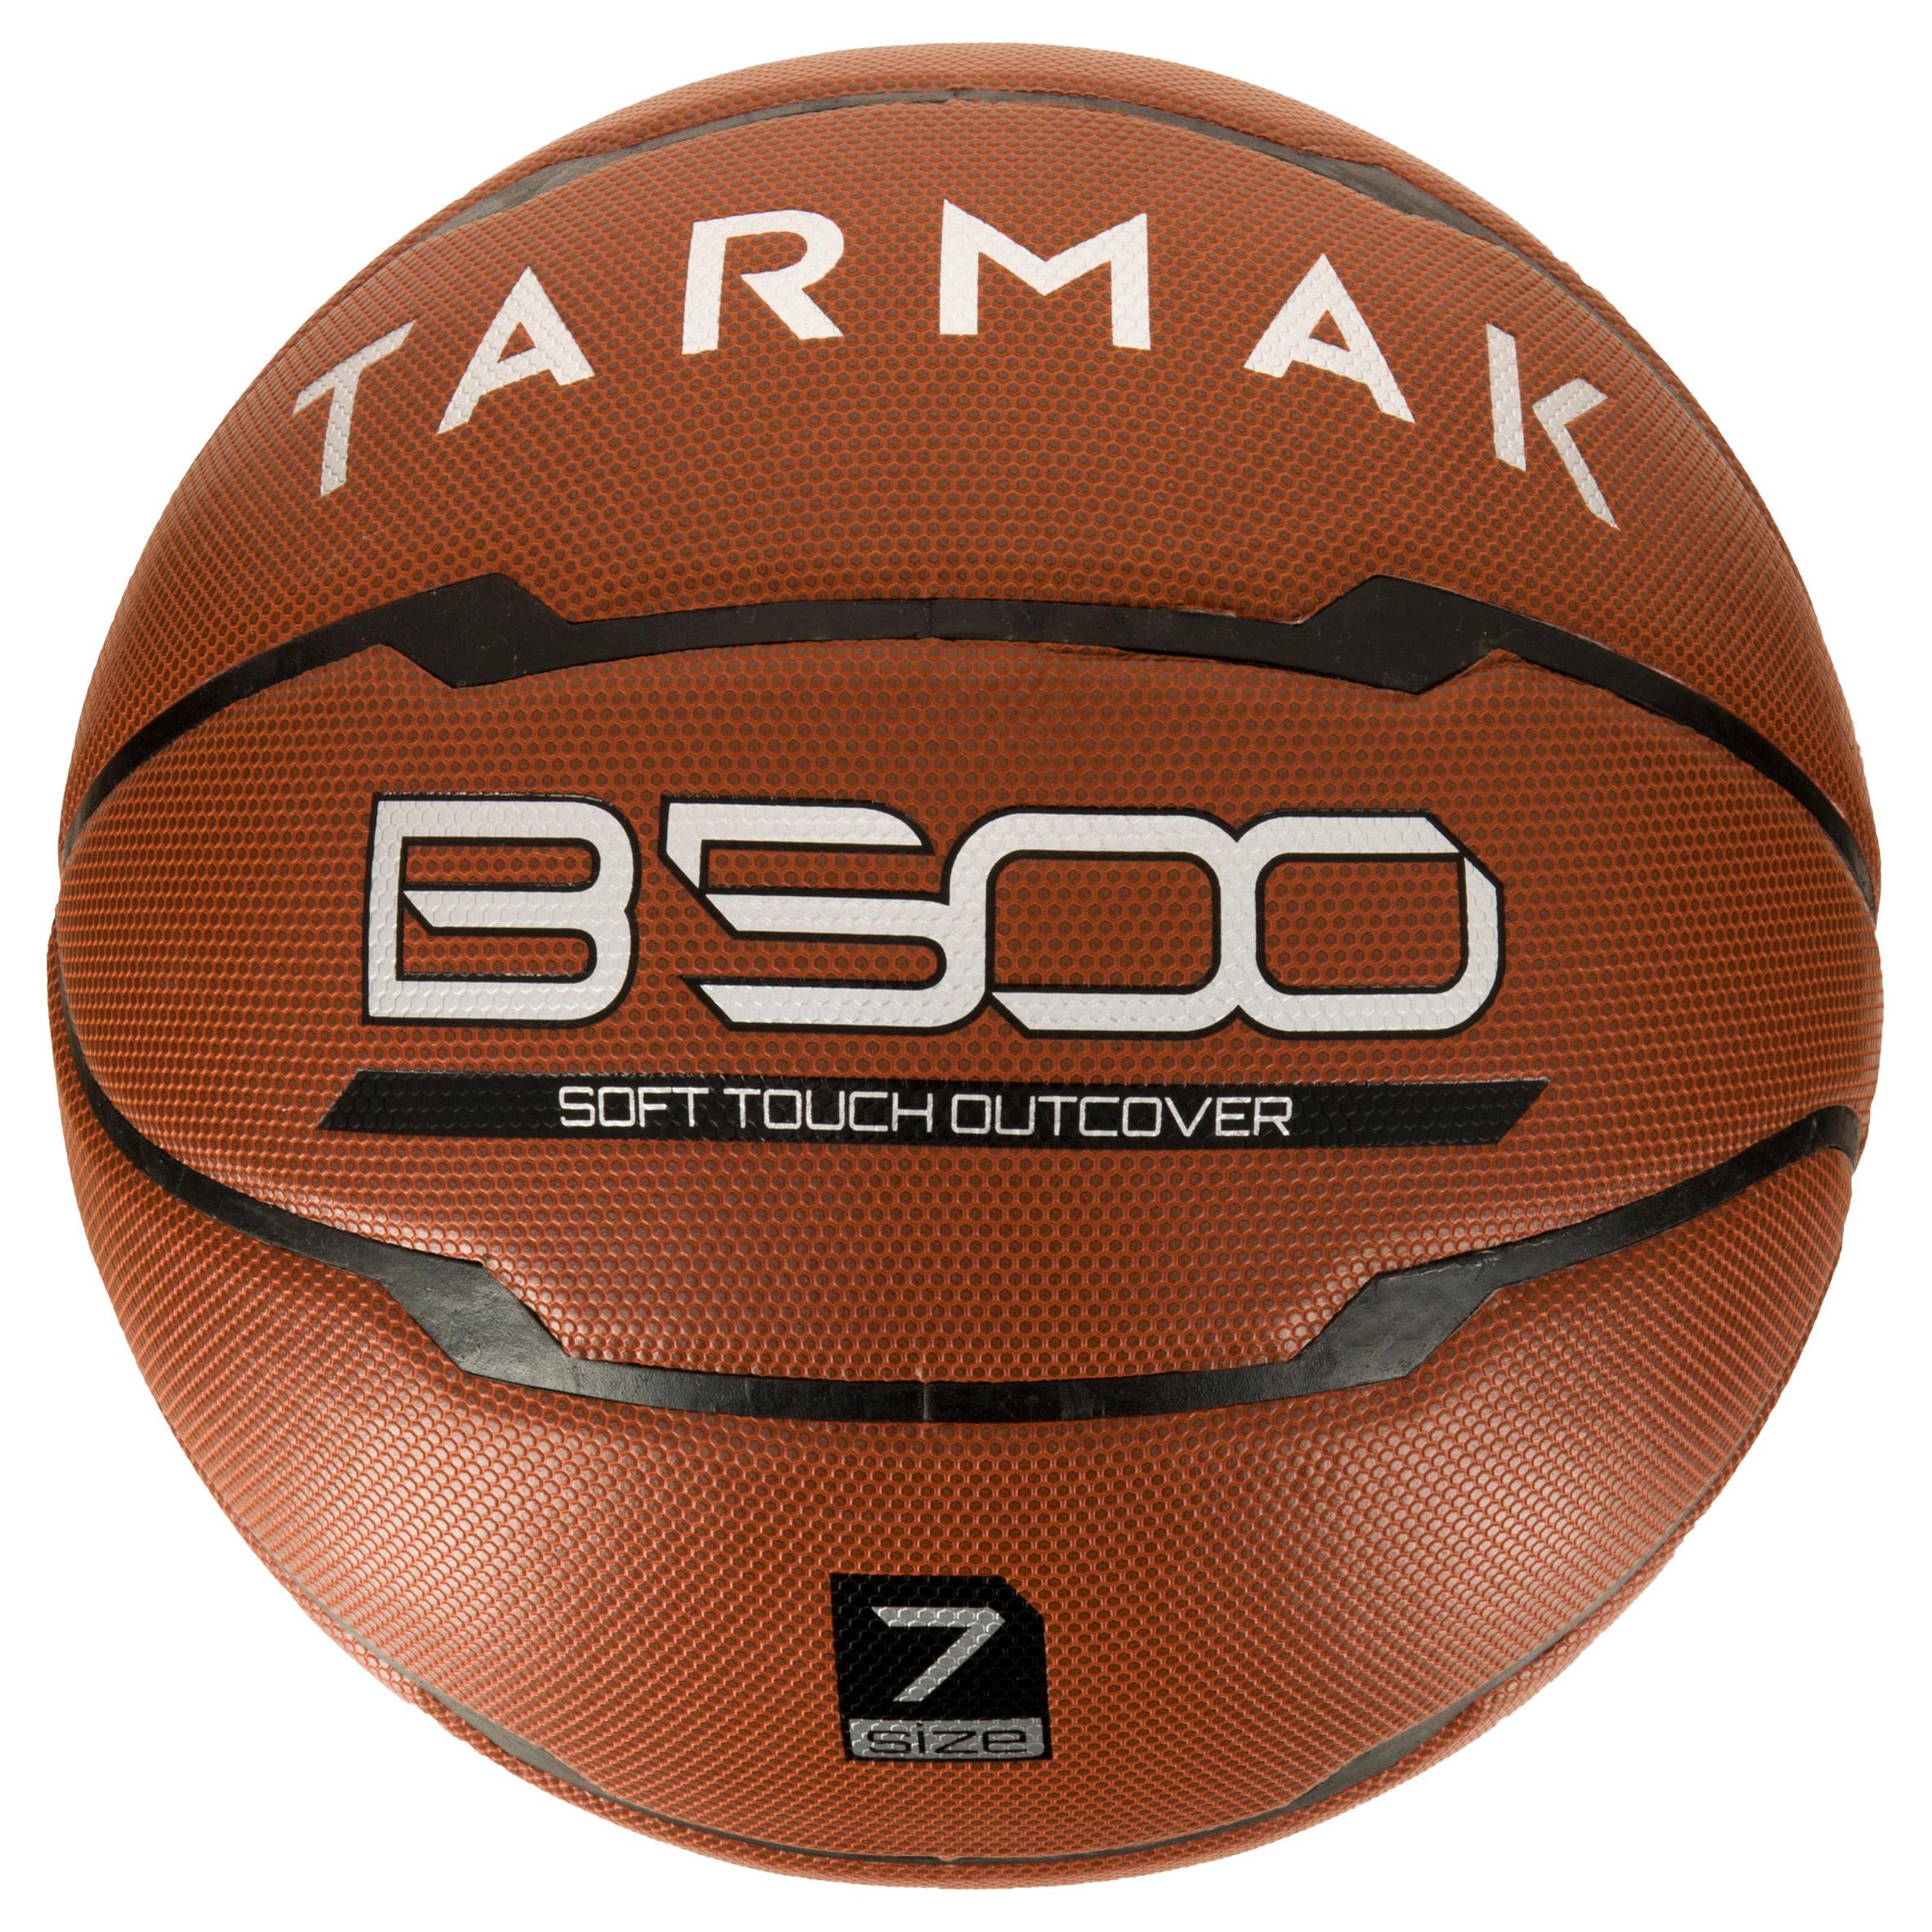 Tarmak Basketbal heren B500 maat 7 bruin. Kunstleer. Vanaf 12 jaar.